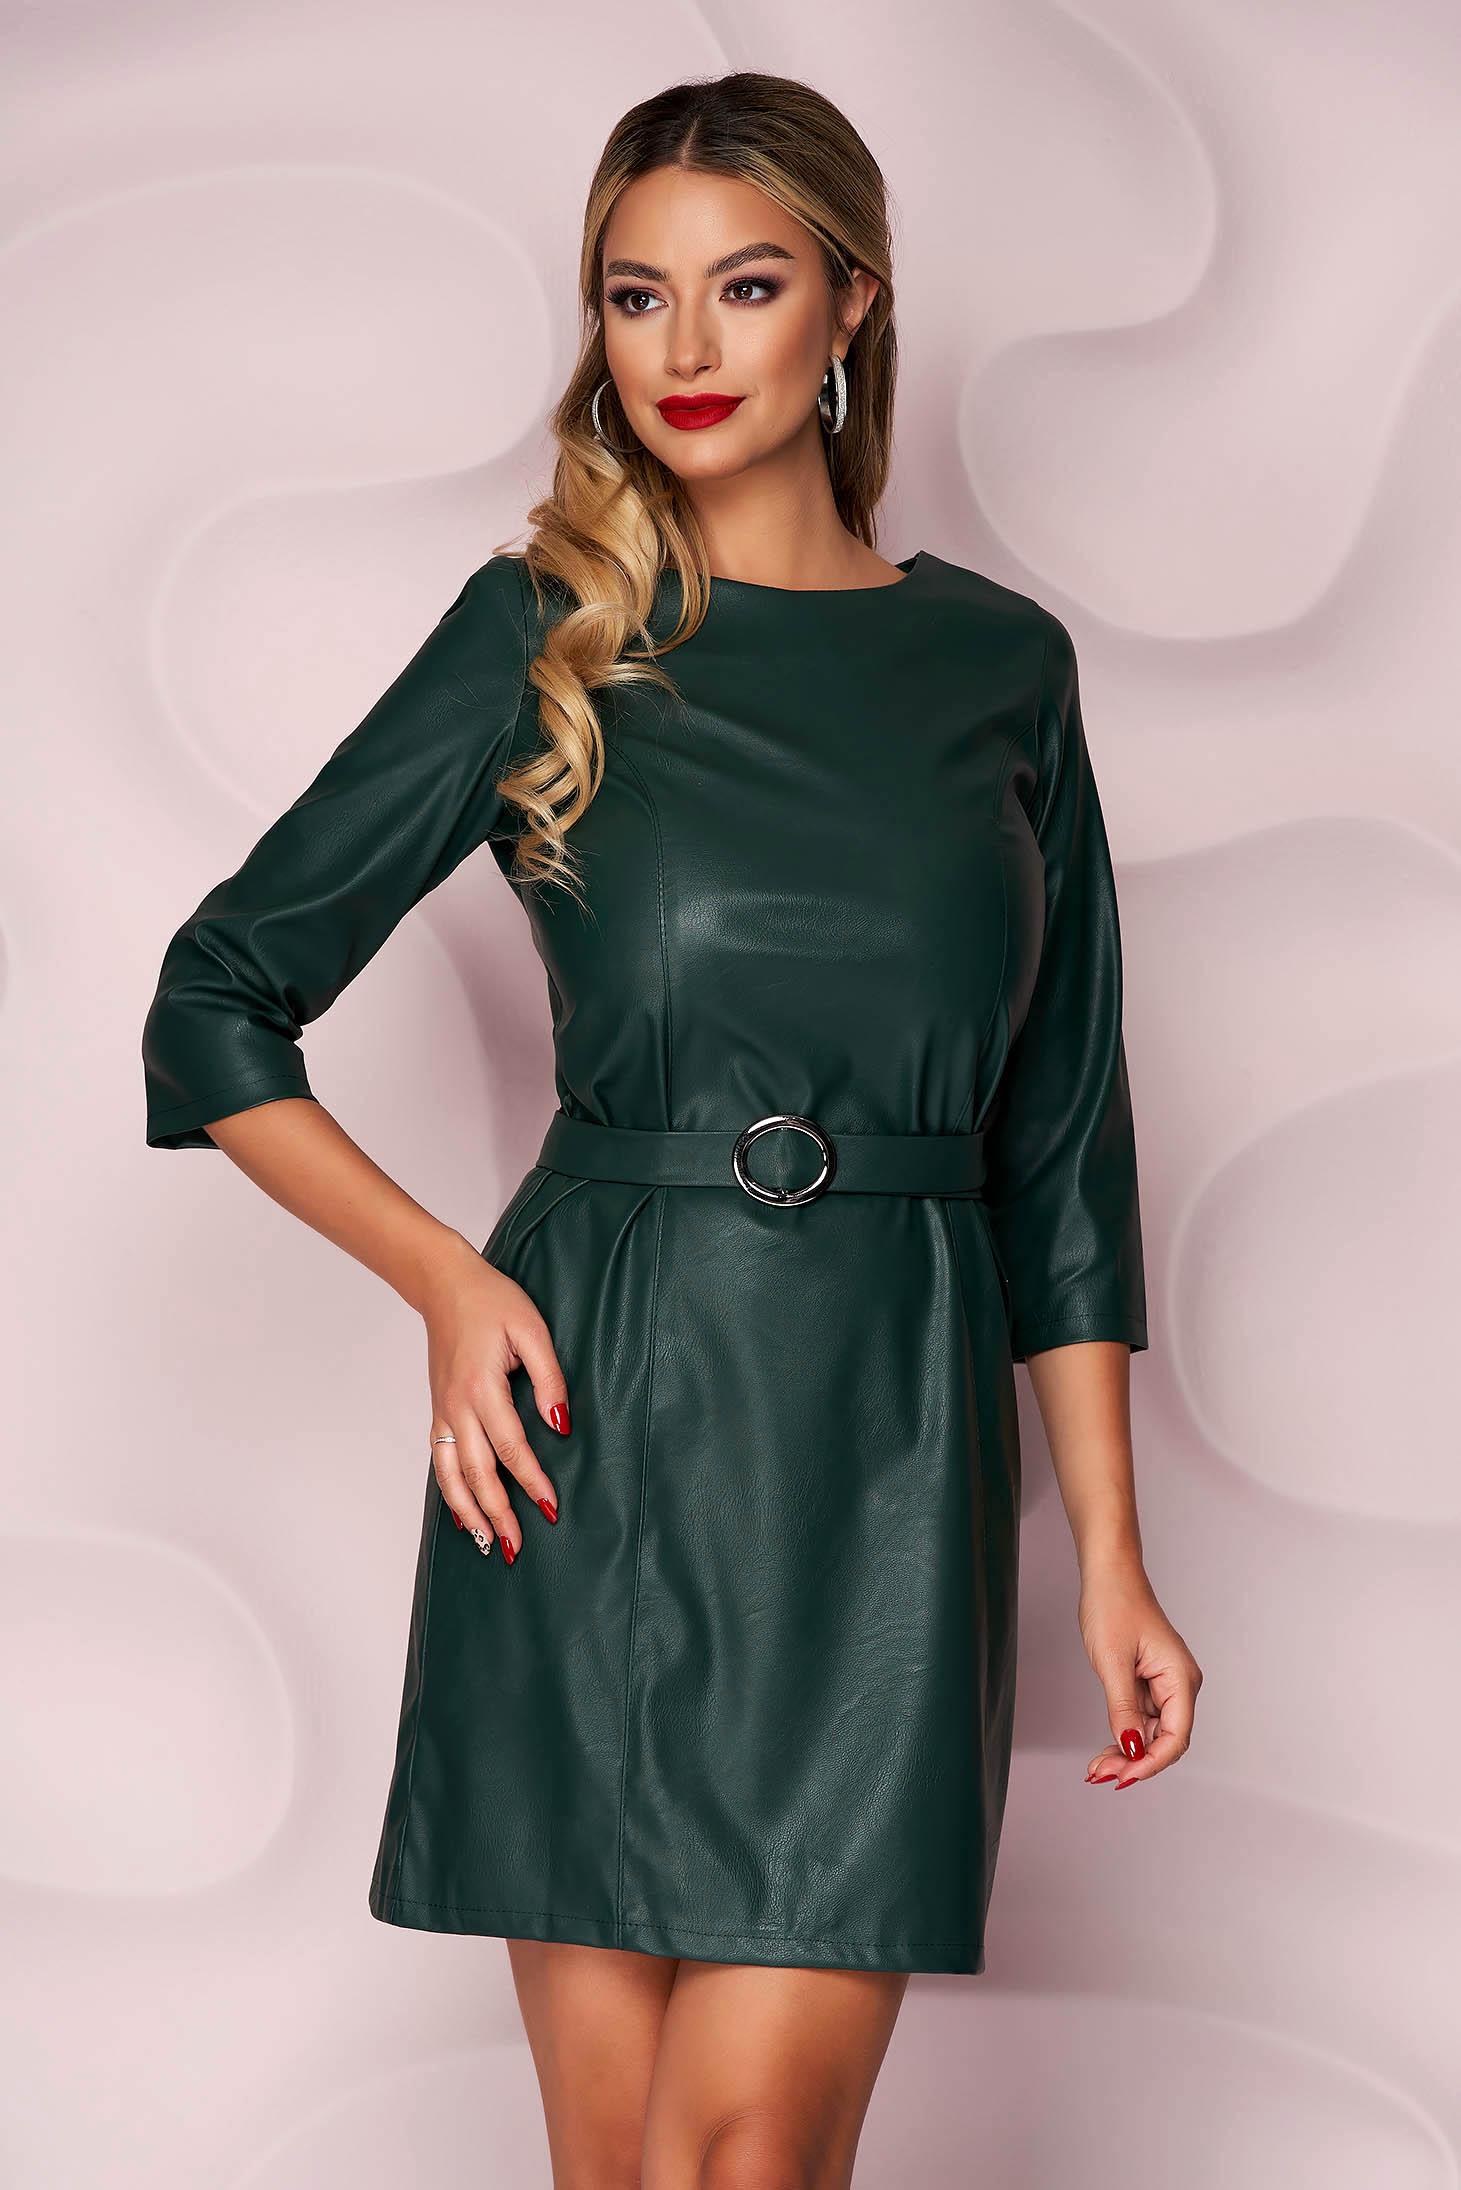 Sötétzöld műbőr casual egyenes ruha szintetikus bőr övvel